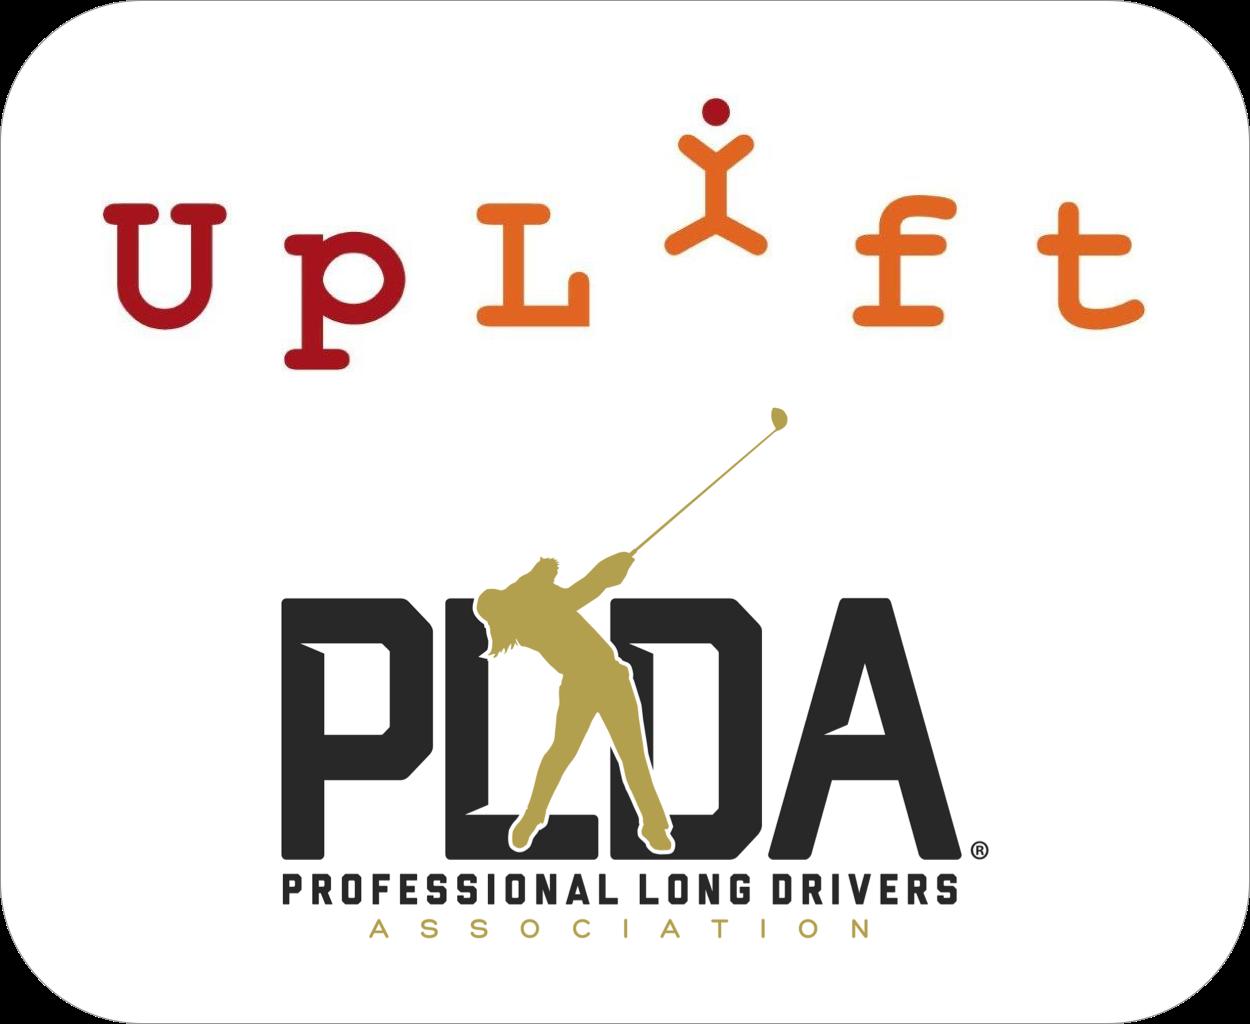 Uplyft   plda logo